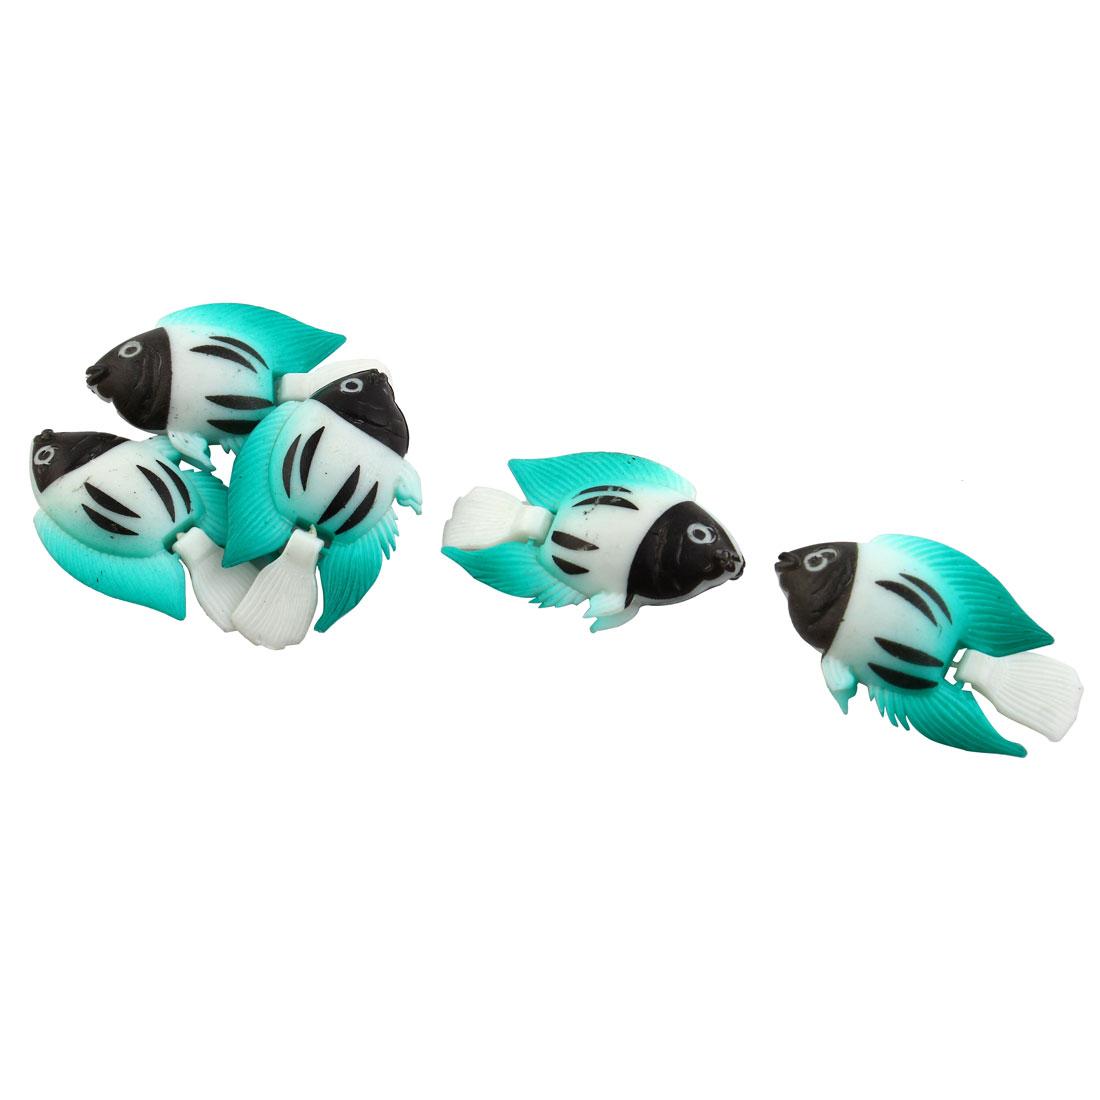 Aquarium Mini Swing Tail Plastic Fish Decorate Ornament Multi Color 5 Pcs